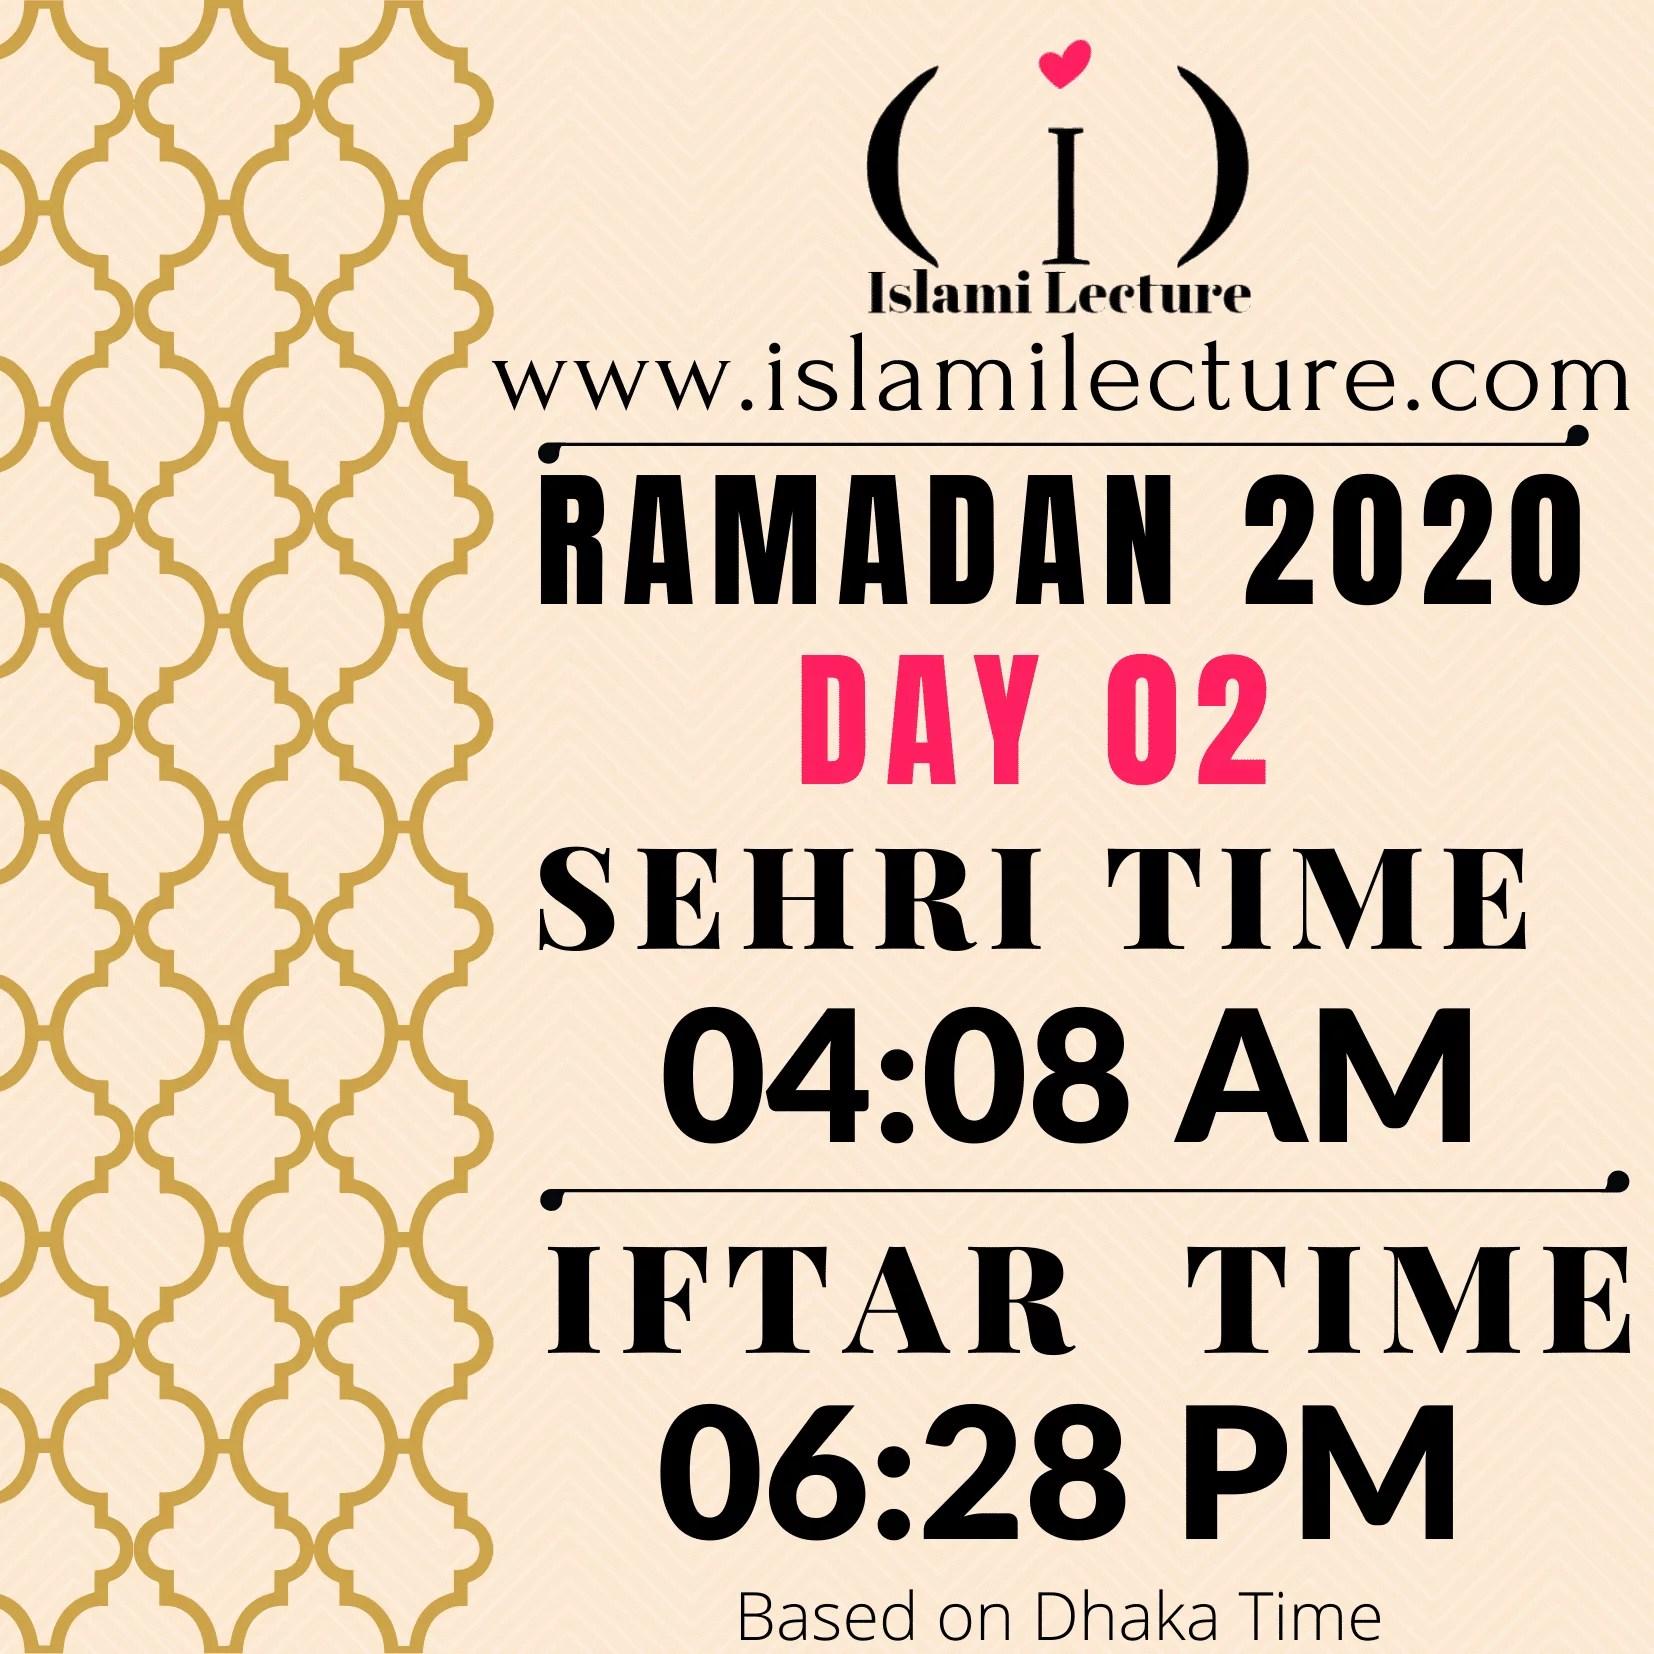 Ramadan Day 02